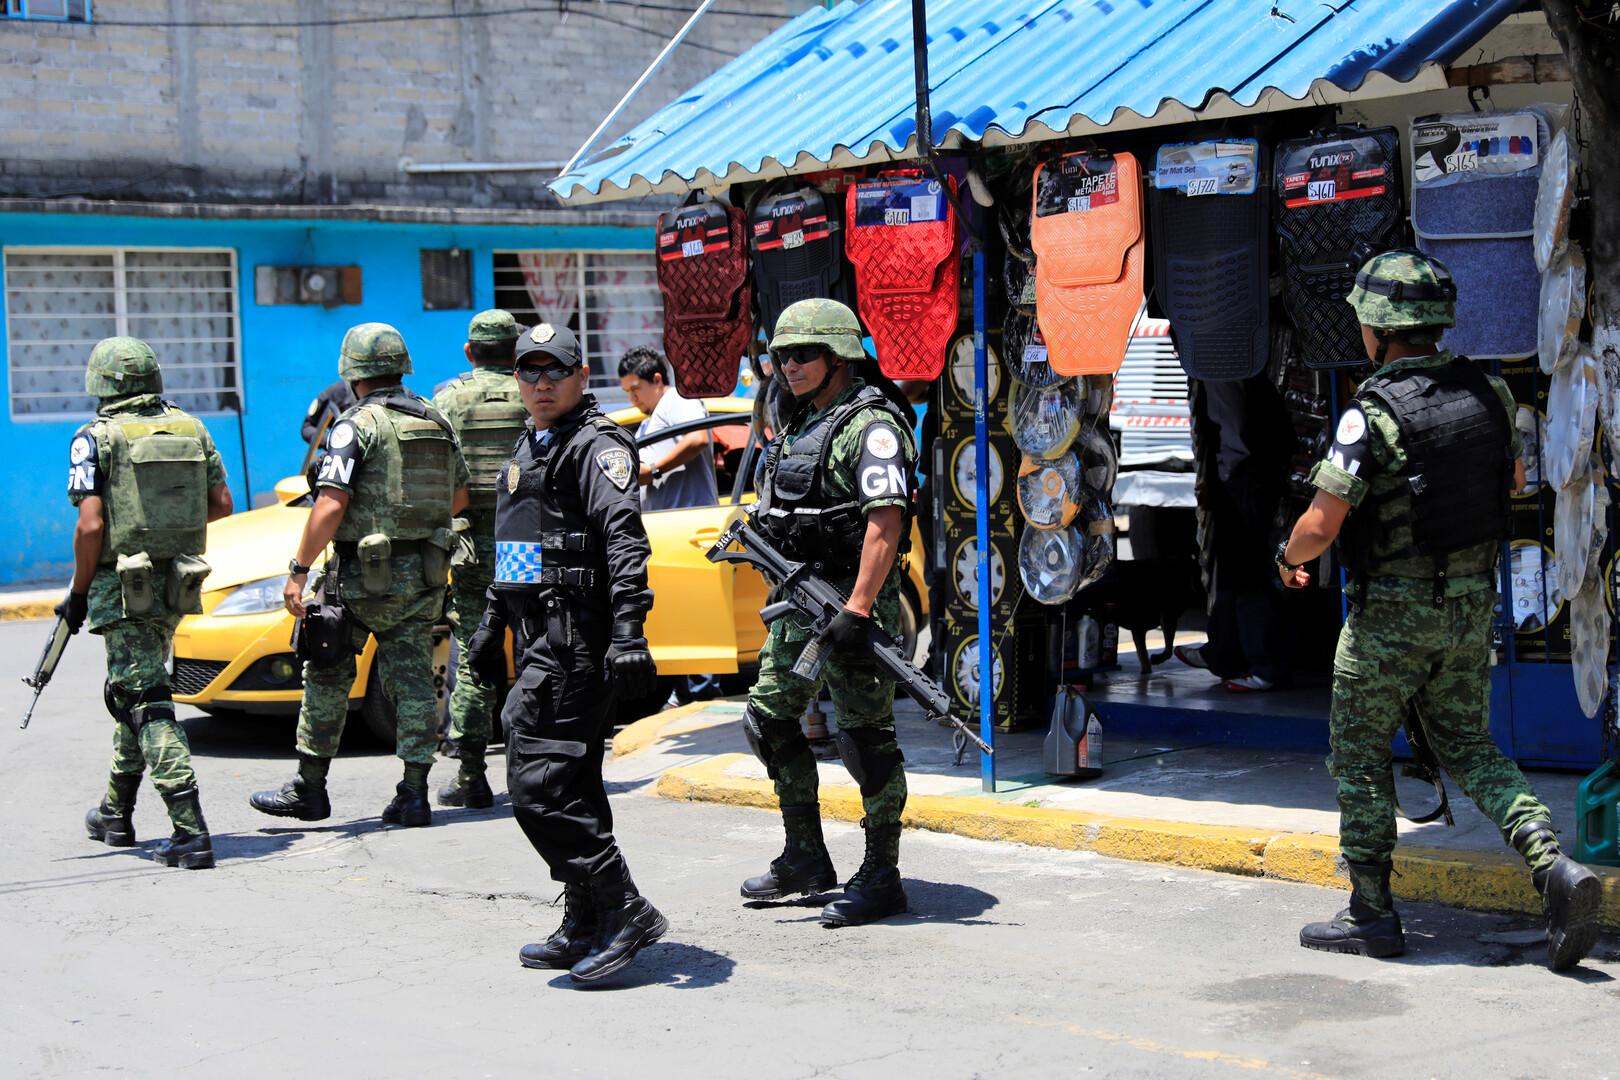 المكسيك تريد الحد من سيل تهريب الأسلحة الأمريكية إلى أراضيها